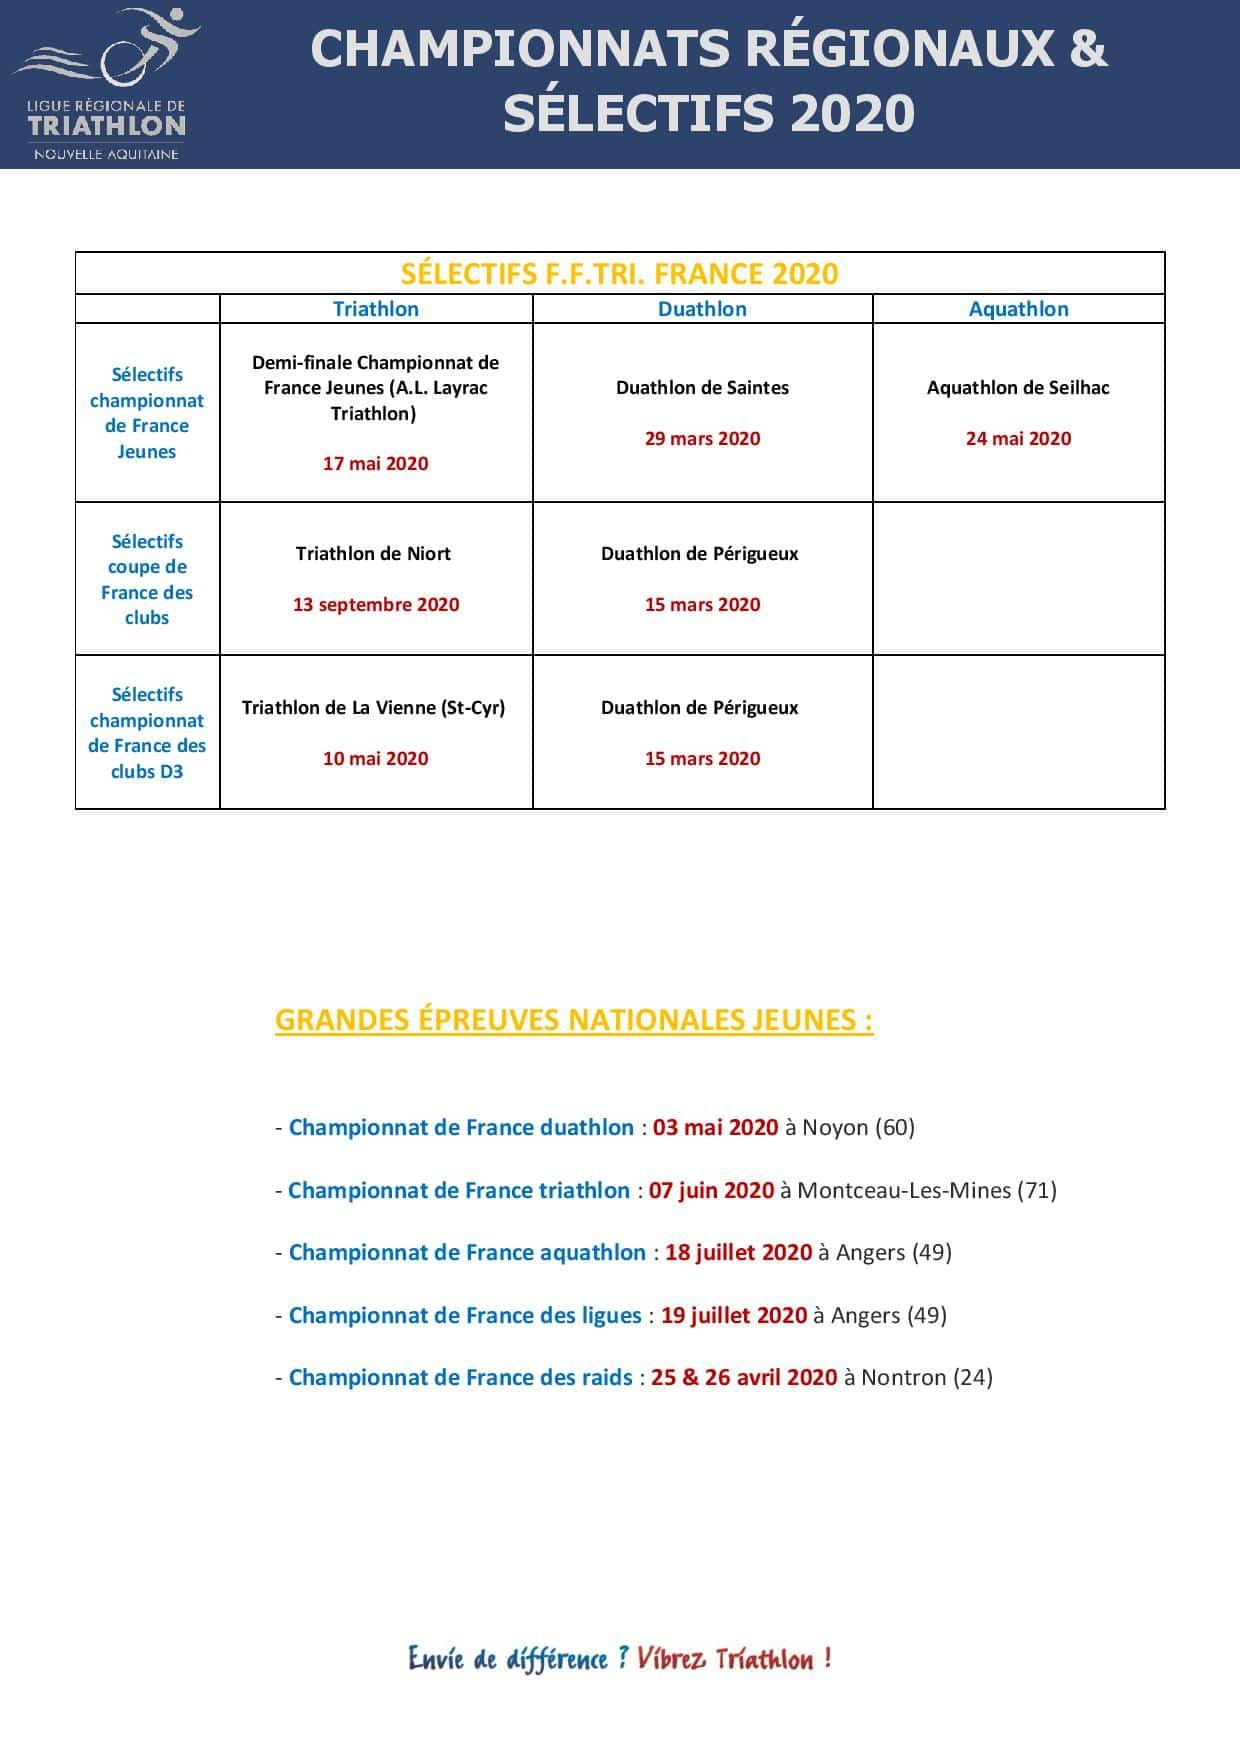 Triathlon Calendrier 2020.Labels Selectifs 2020 Ligue Nouvelle Aquitaine Ligue